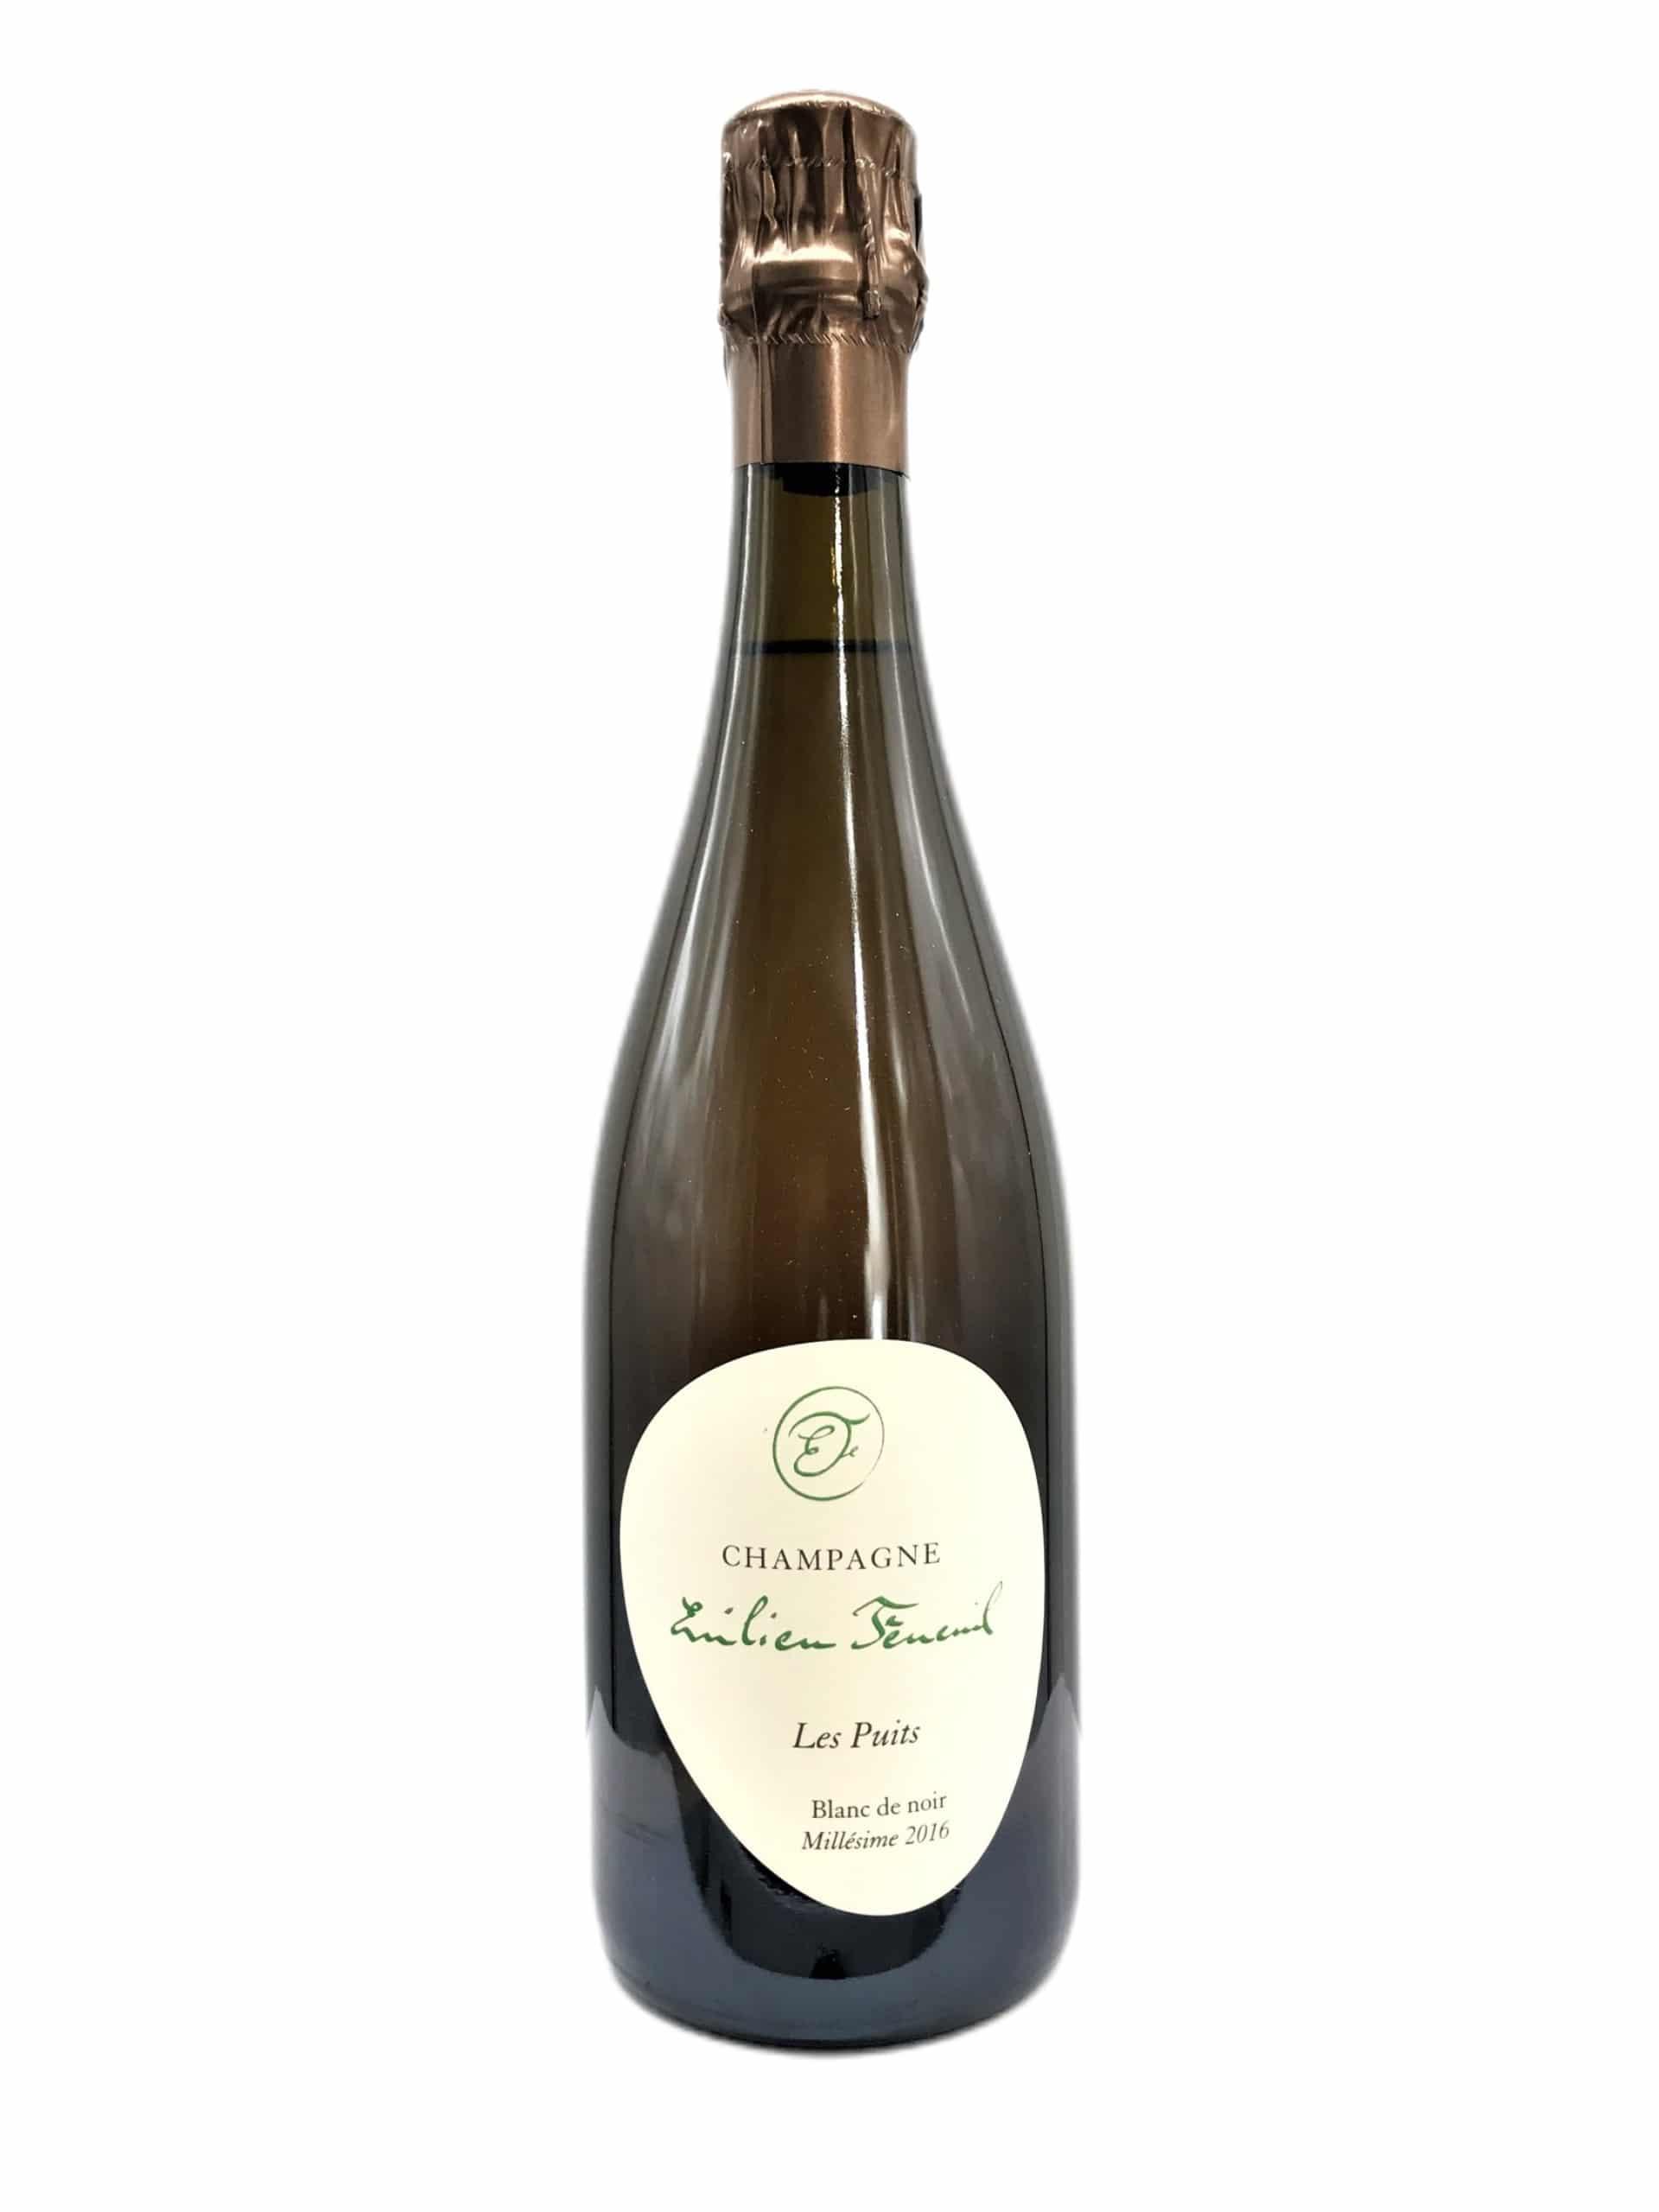 Champagne Emilien feneuil Les Puits